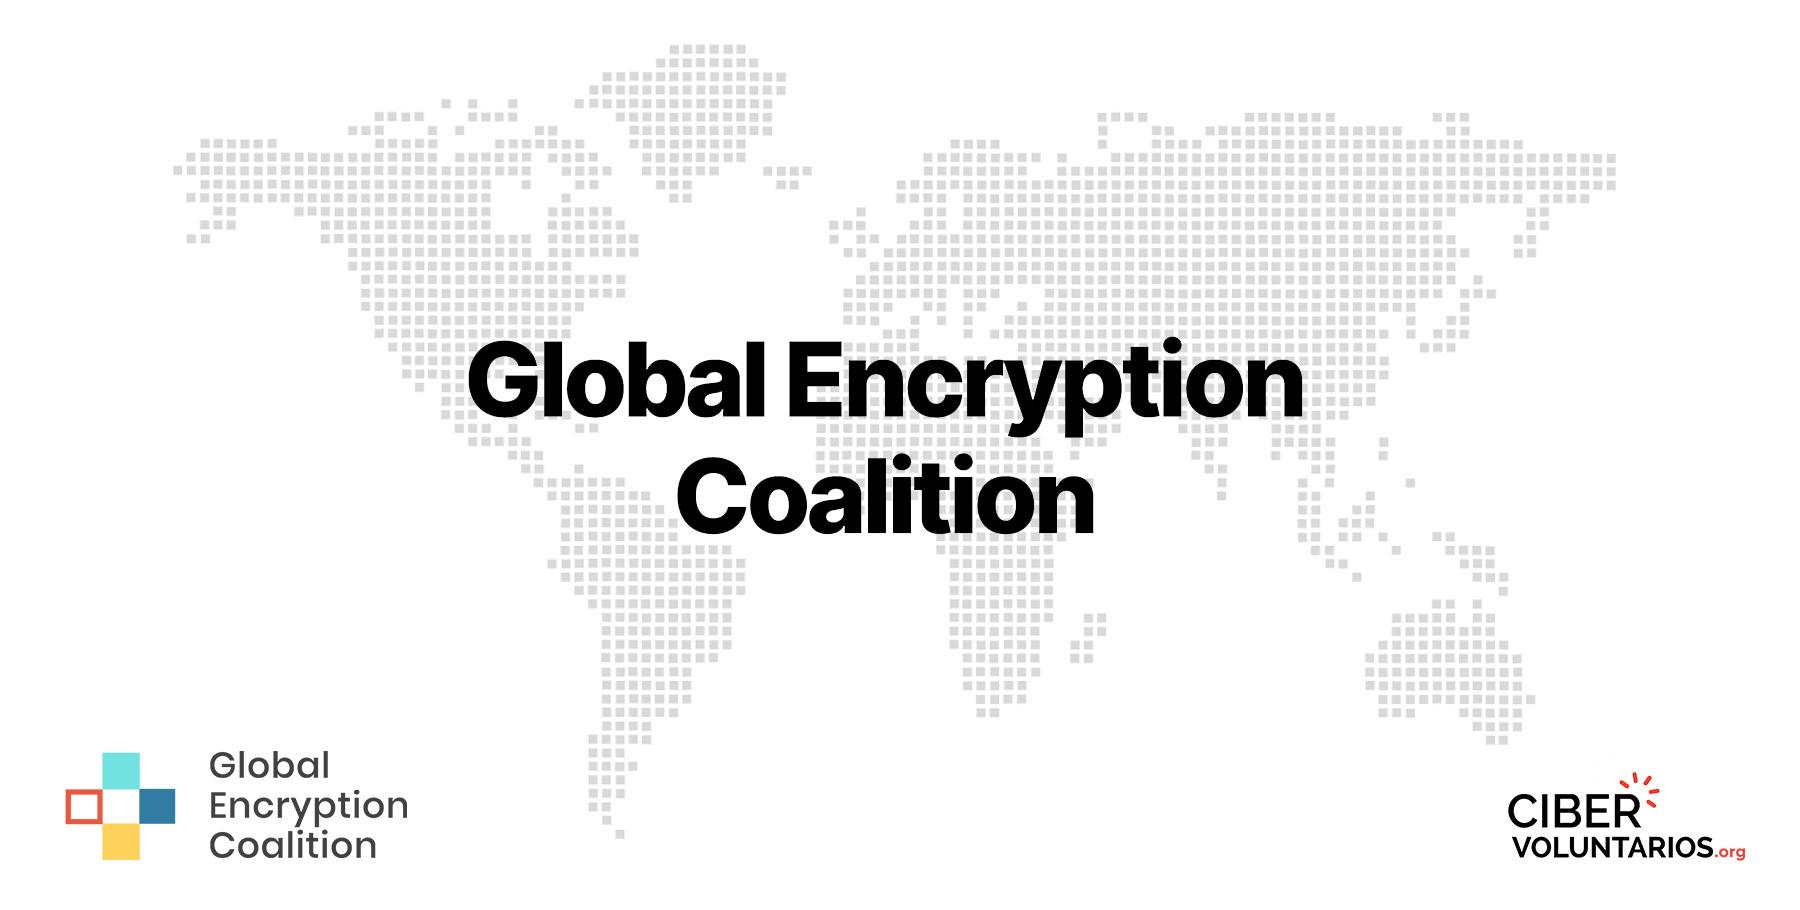 Fundación Cibervoluntarios se une a la Coalición Global de Cifrado liderada por ISOC